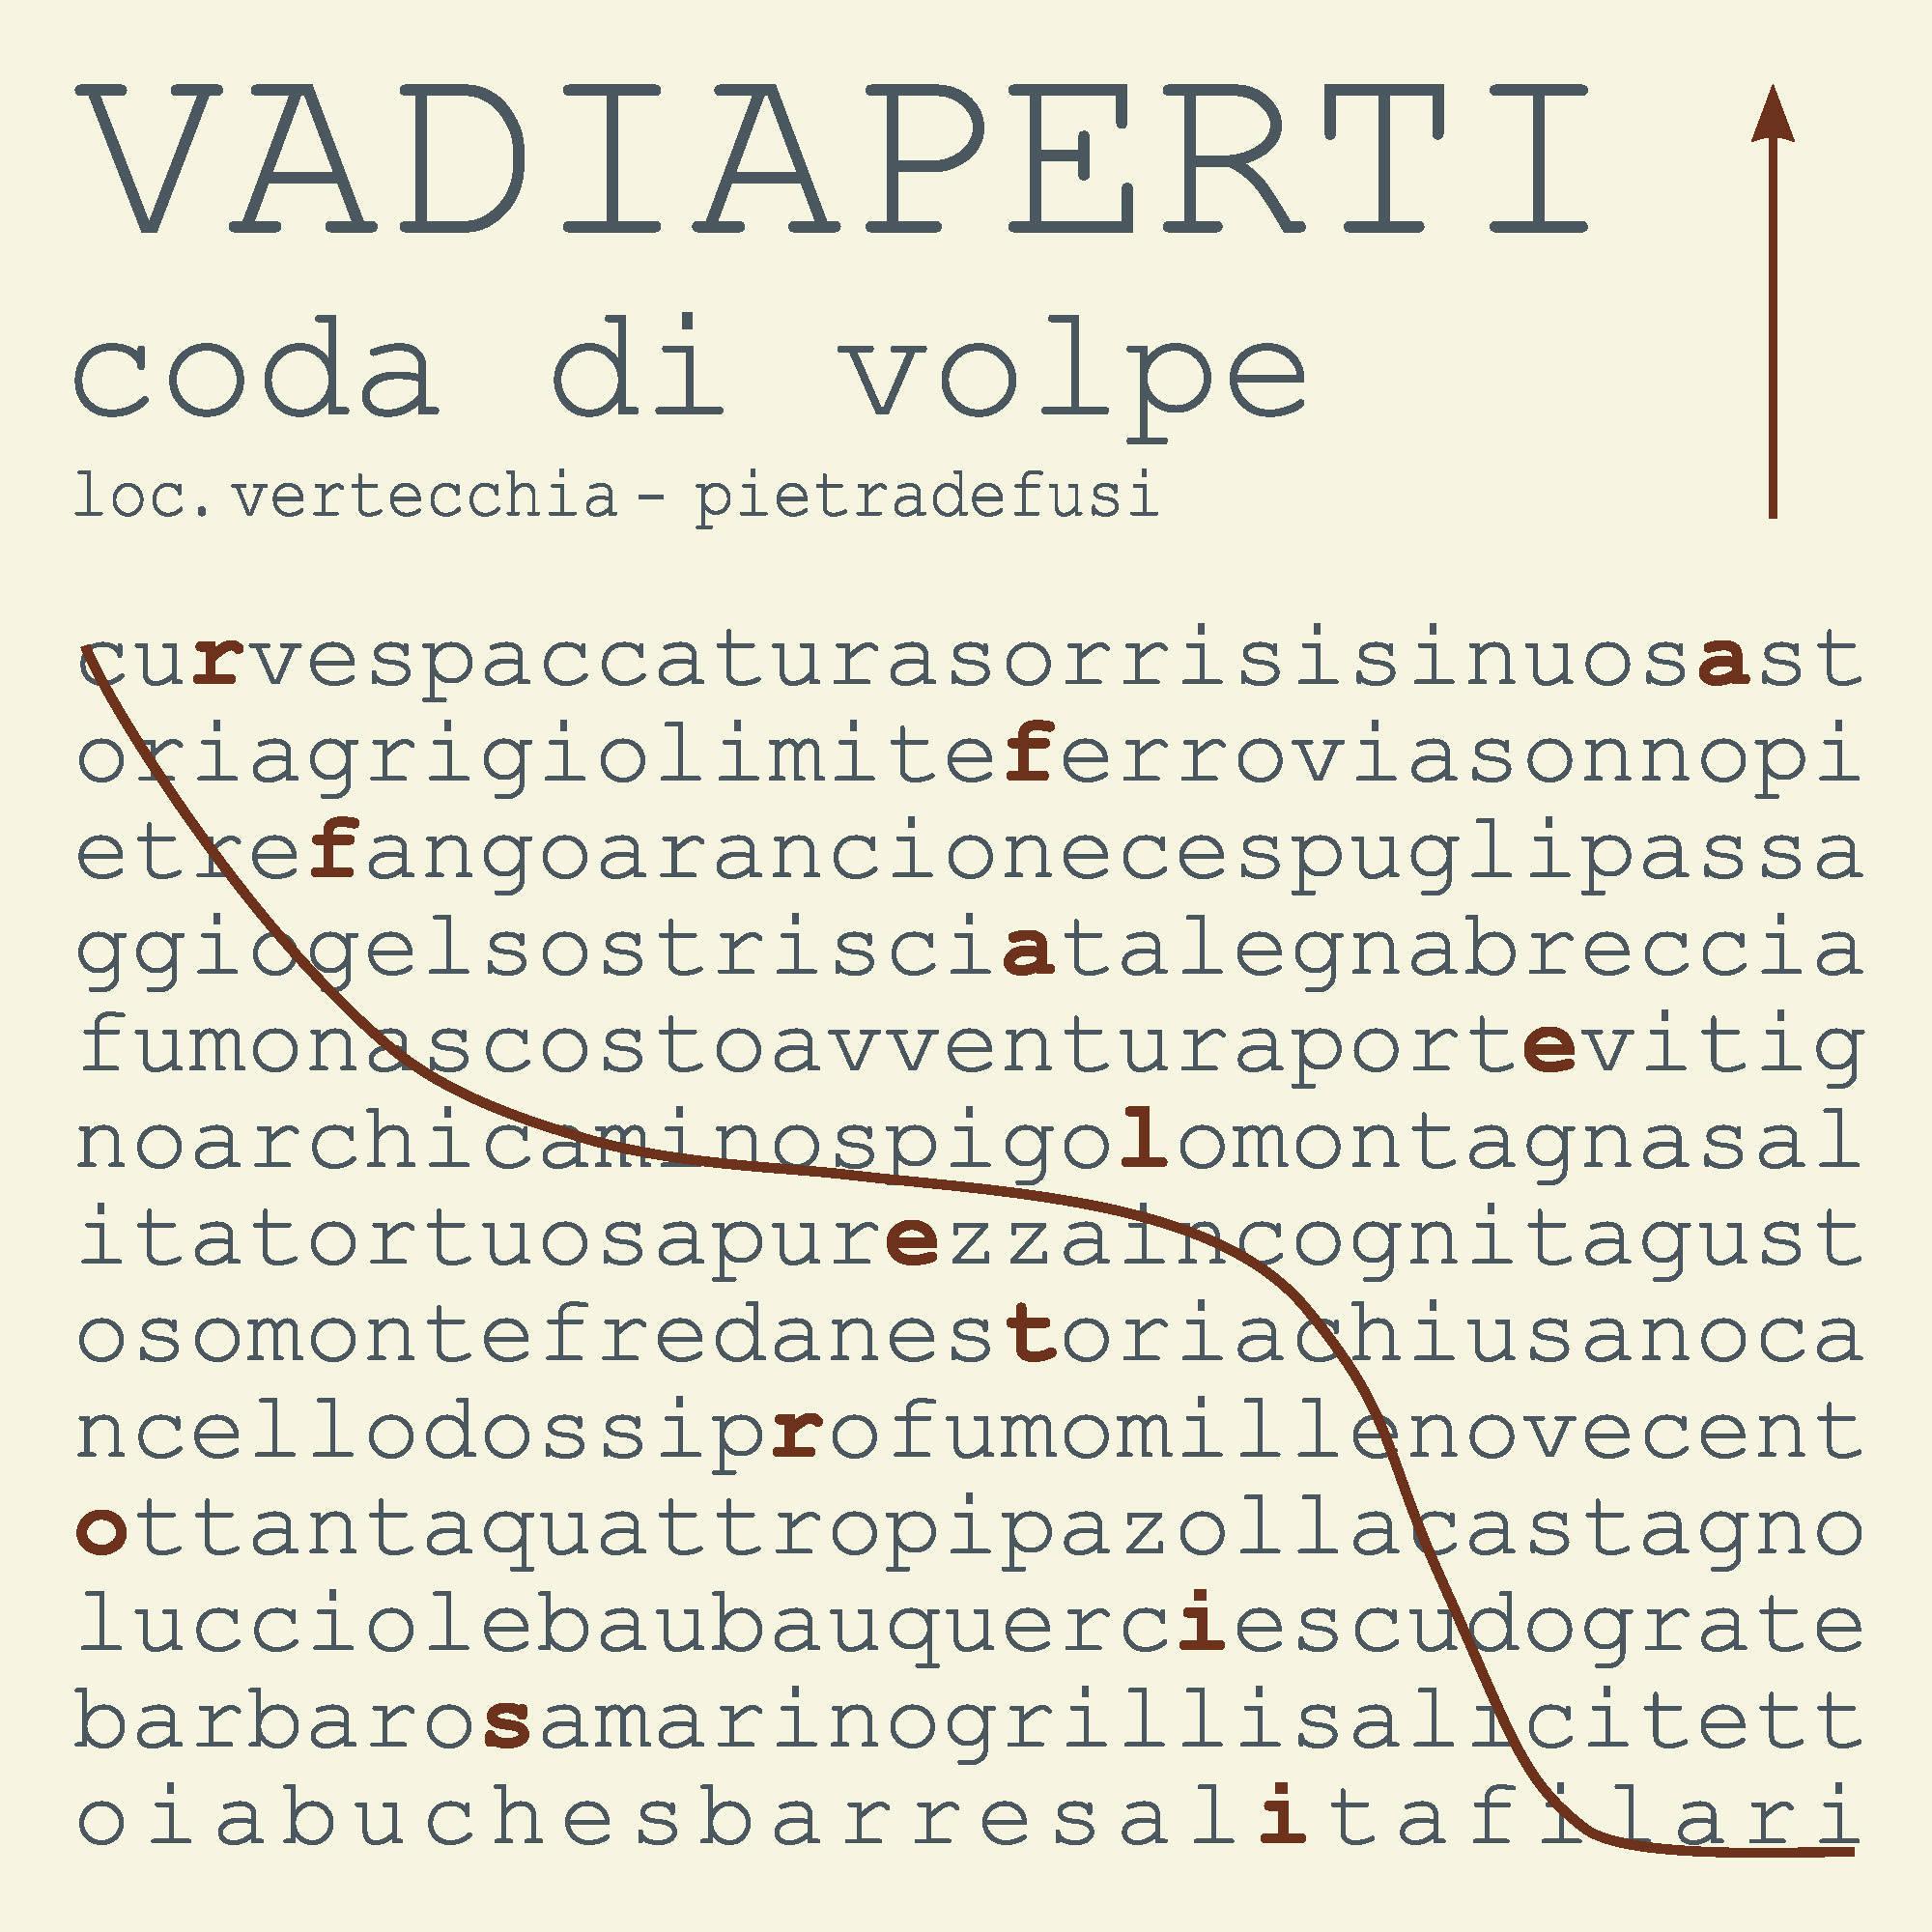 Viadiaperti_coda_front.jpg